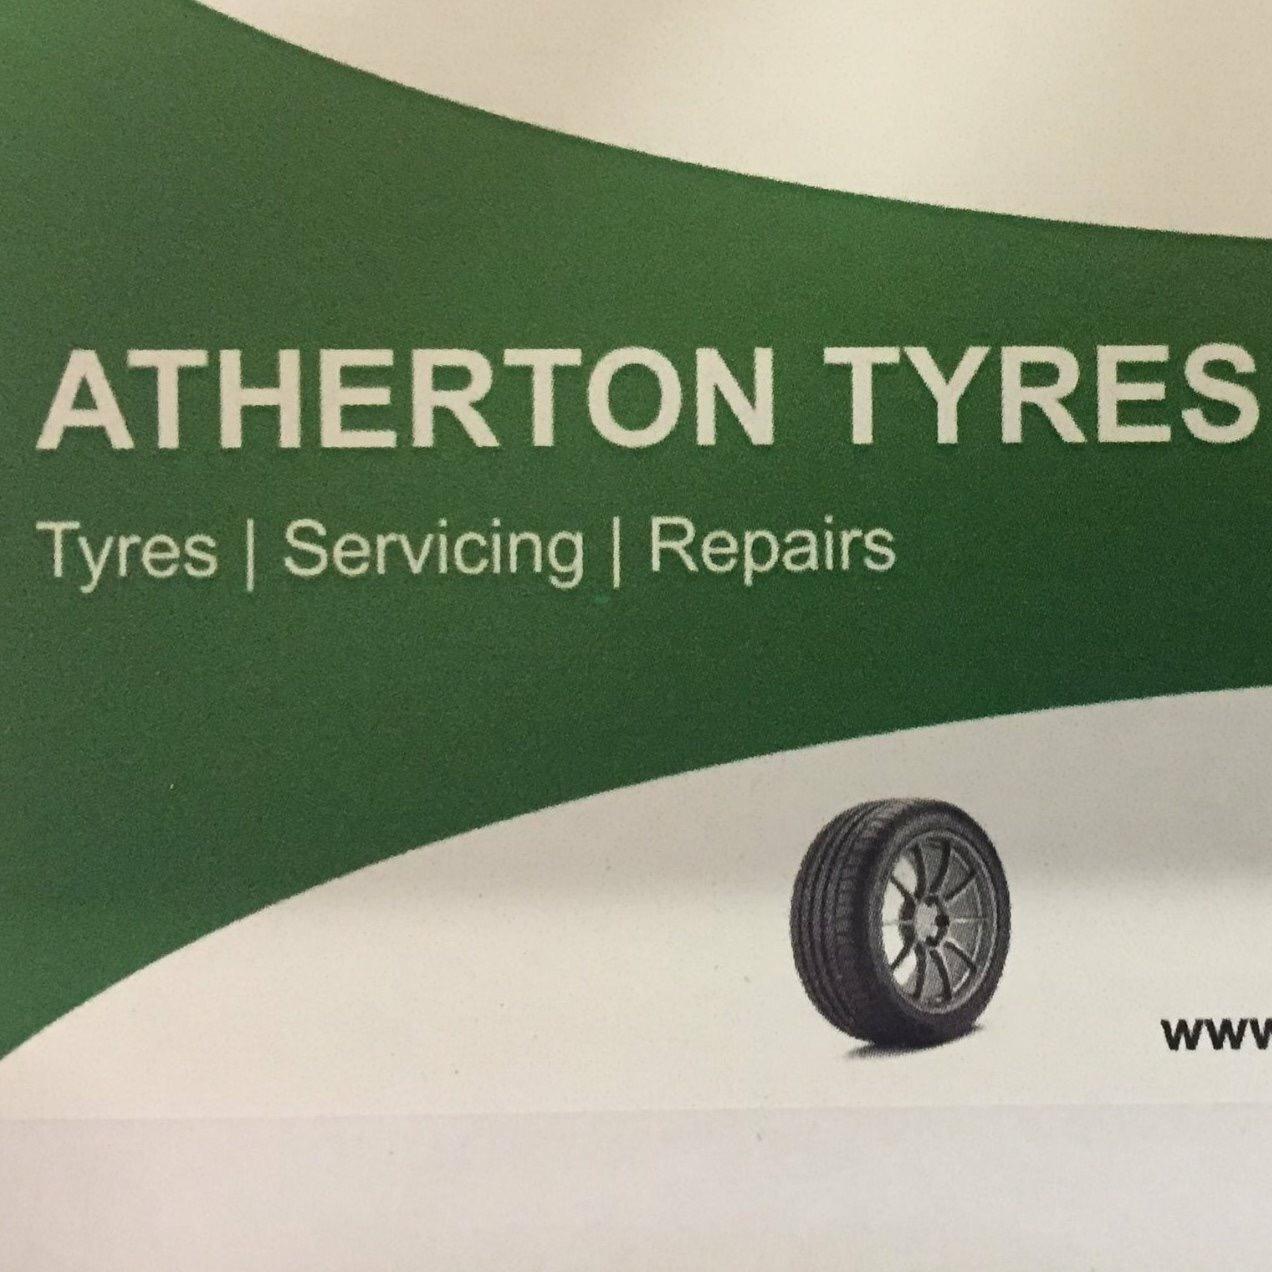 Atherton Tyres, Servicing & MOT Centre